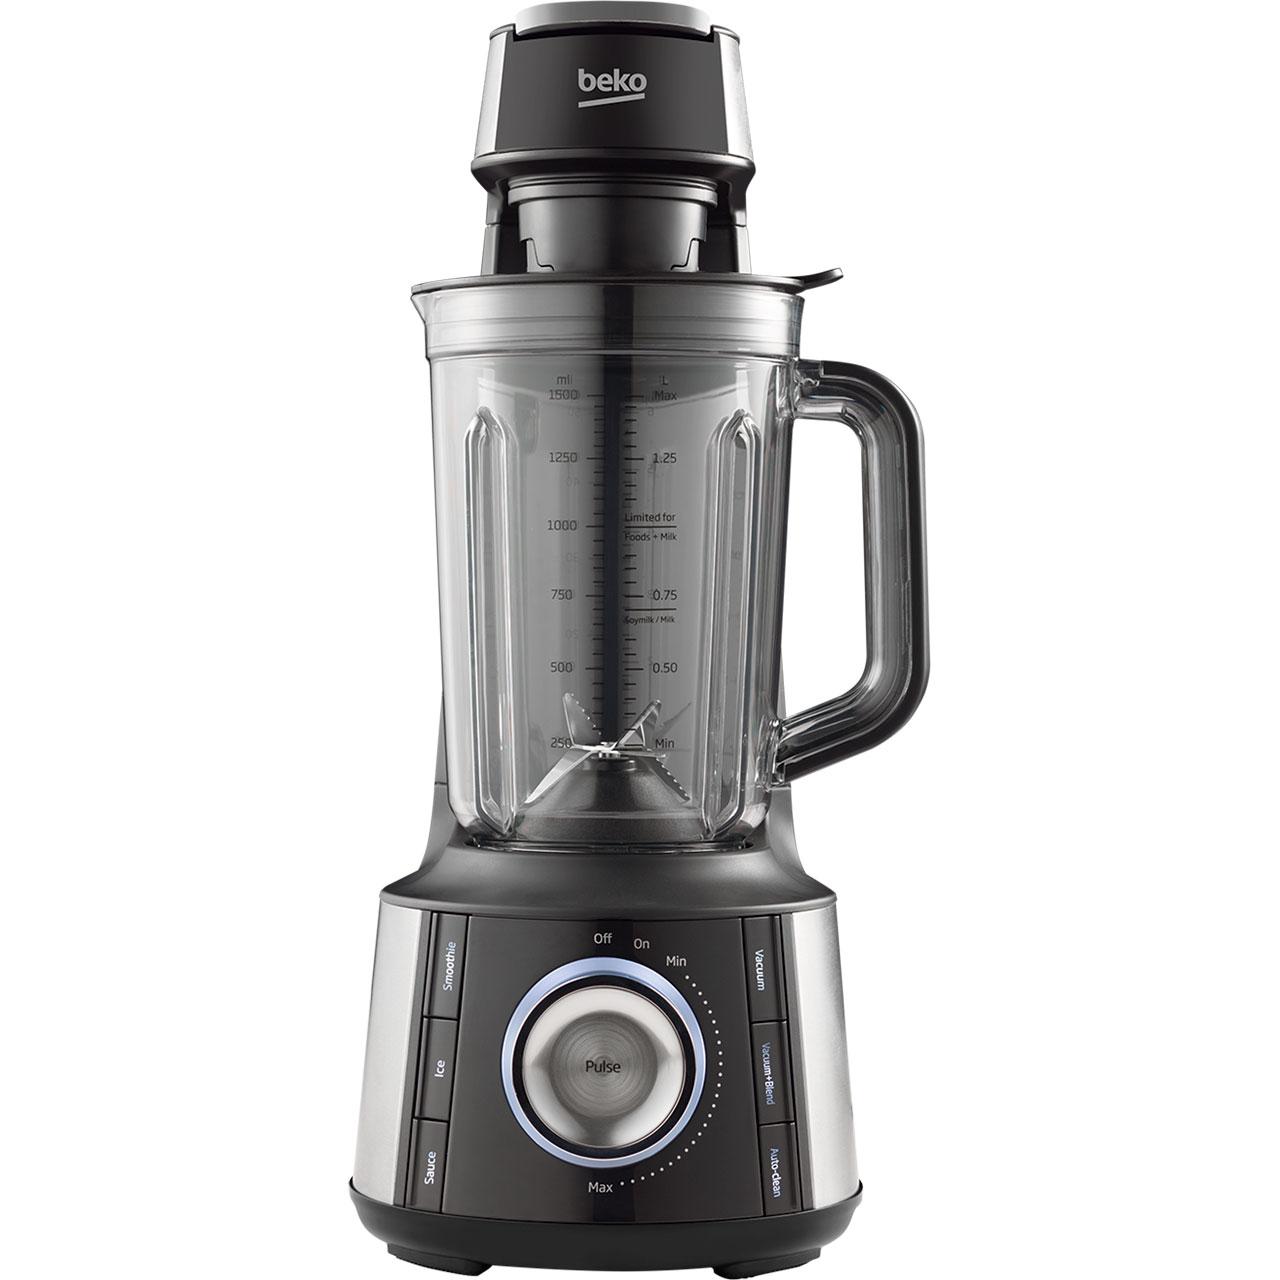 The Beko vacuum blender promises the